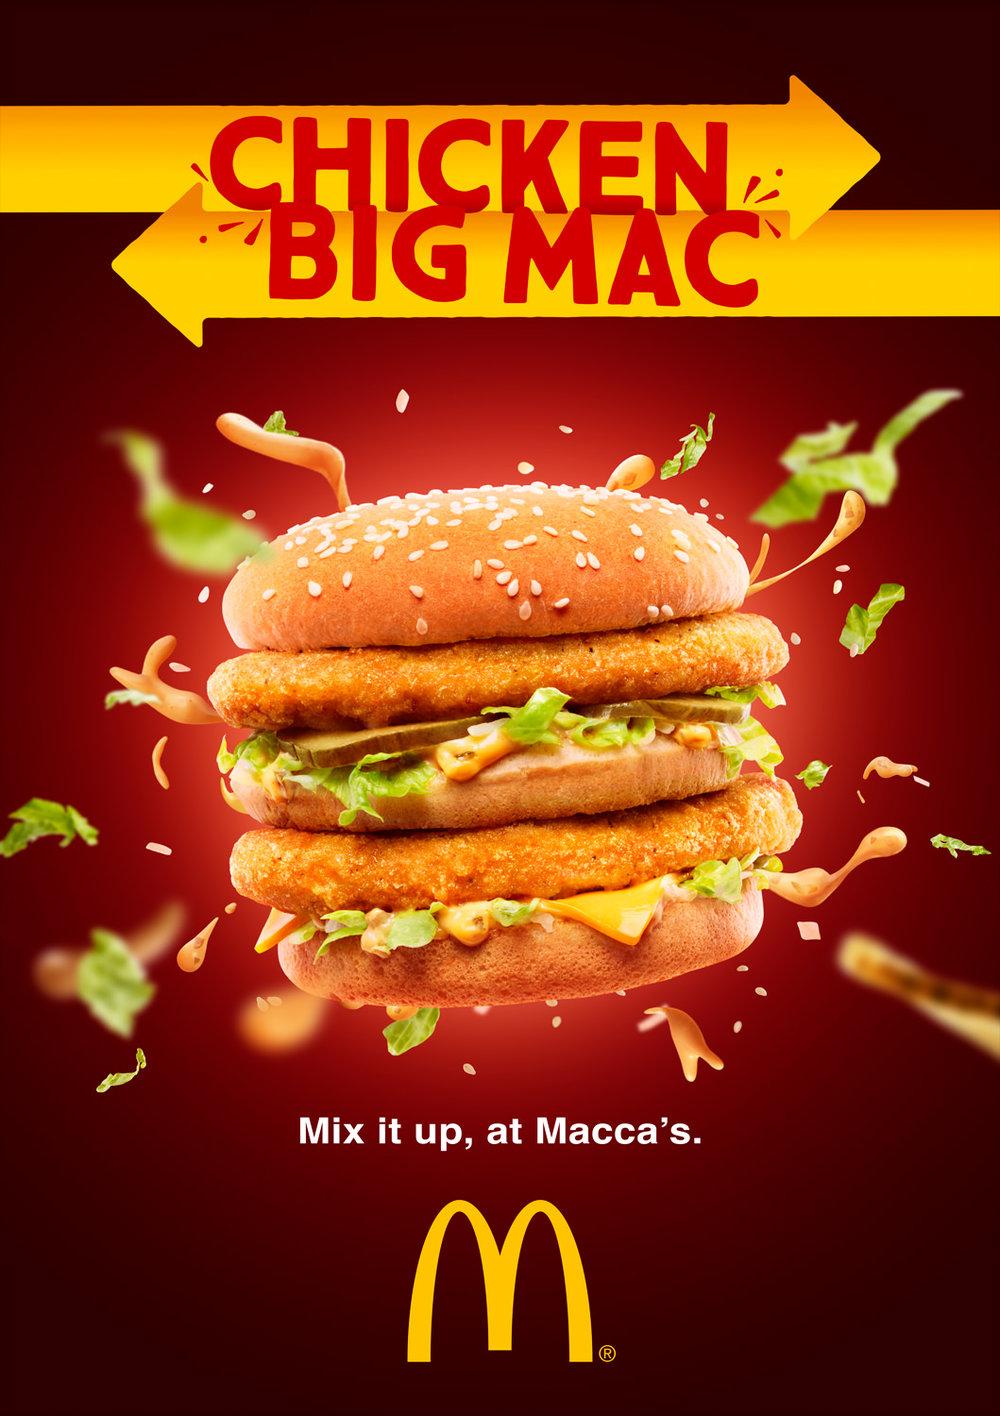 MCDONALDS-CHICKEN-BIG-MAC-LOGO-STEPHEN-STEWART.jpg